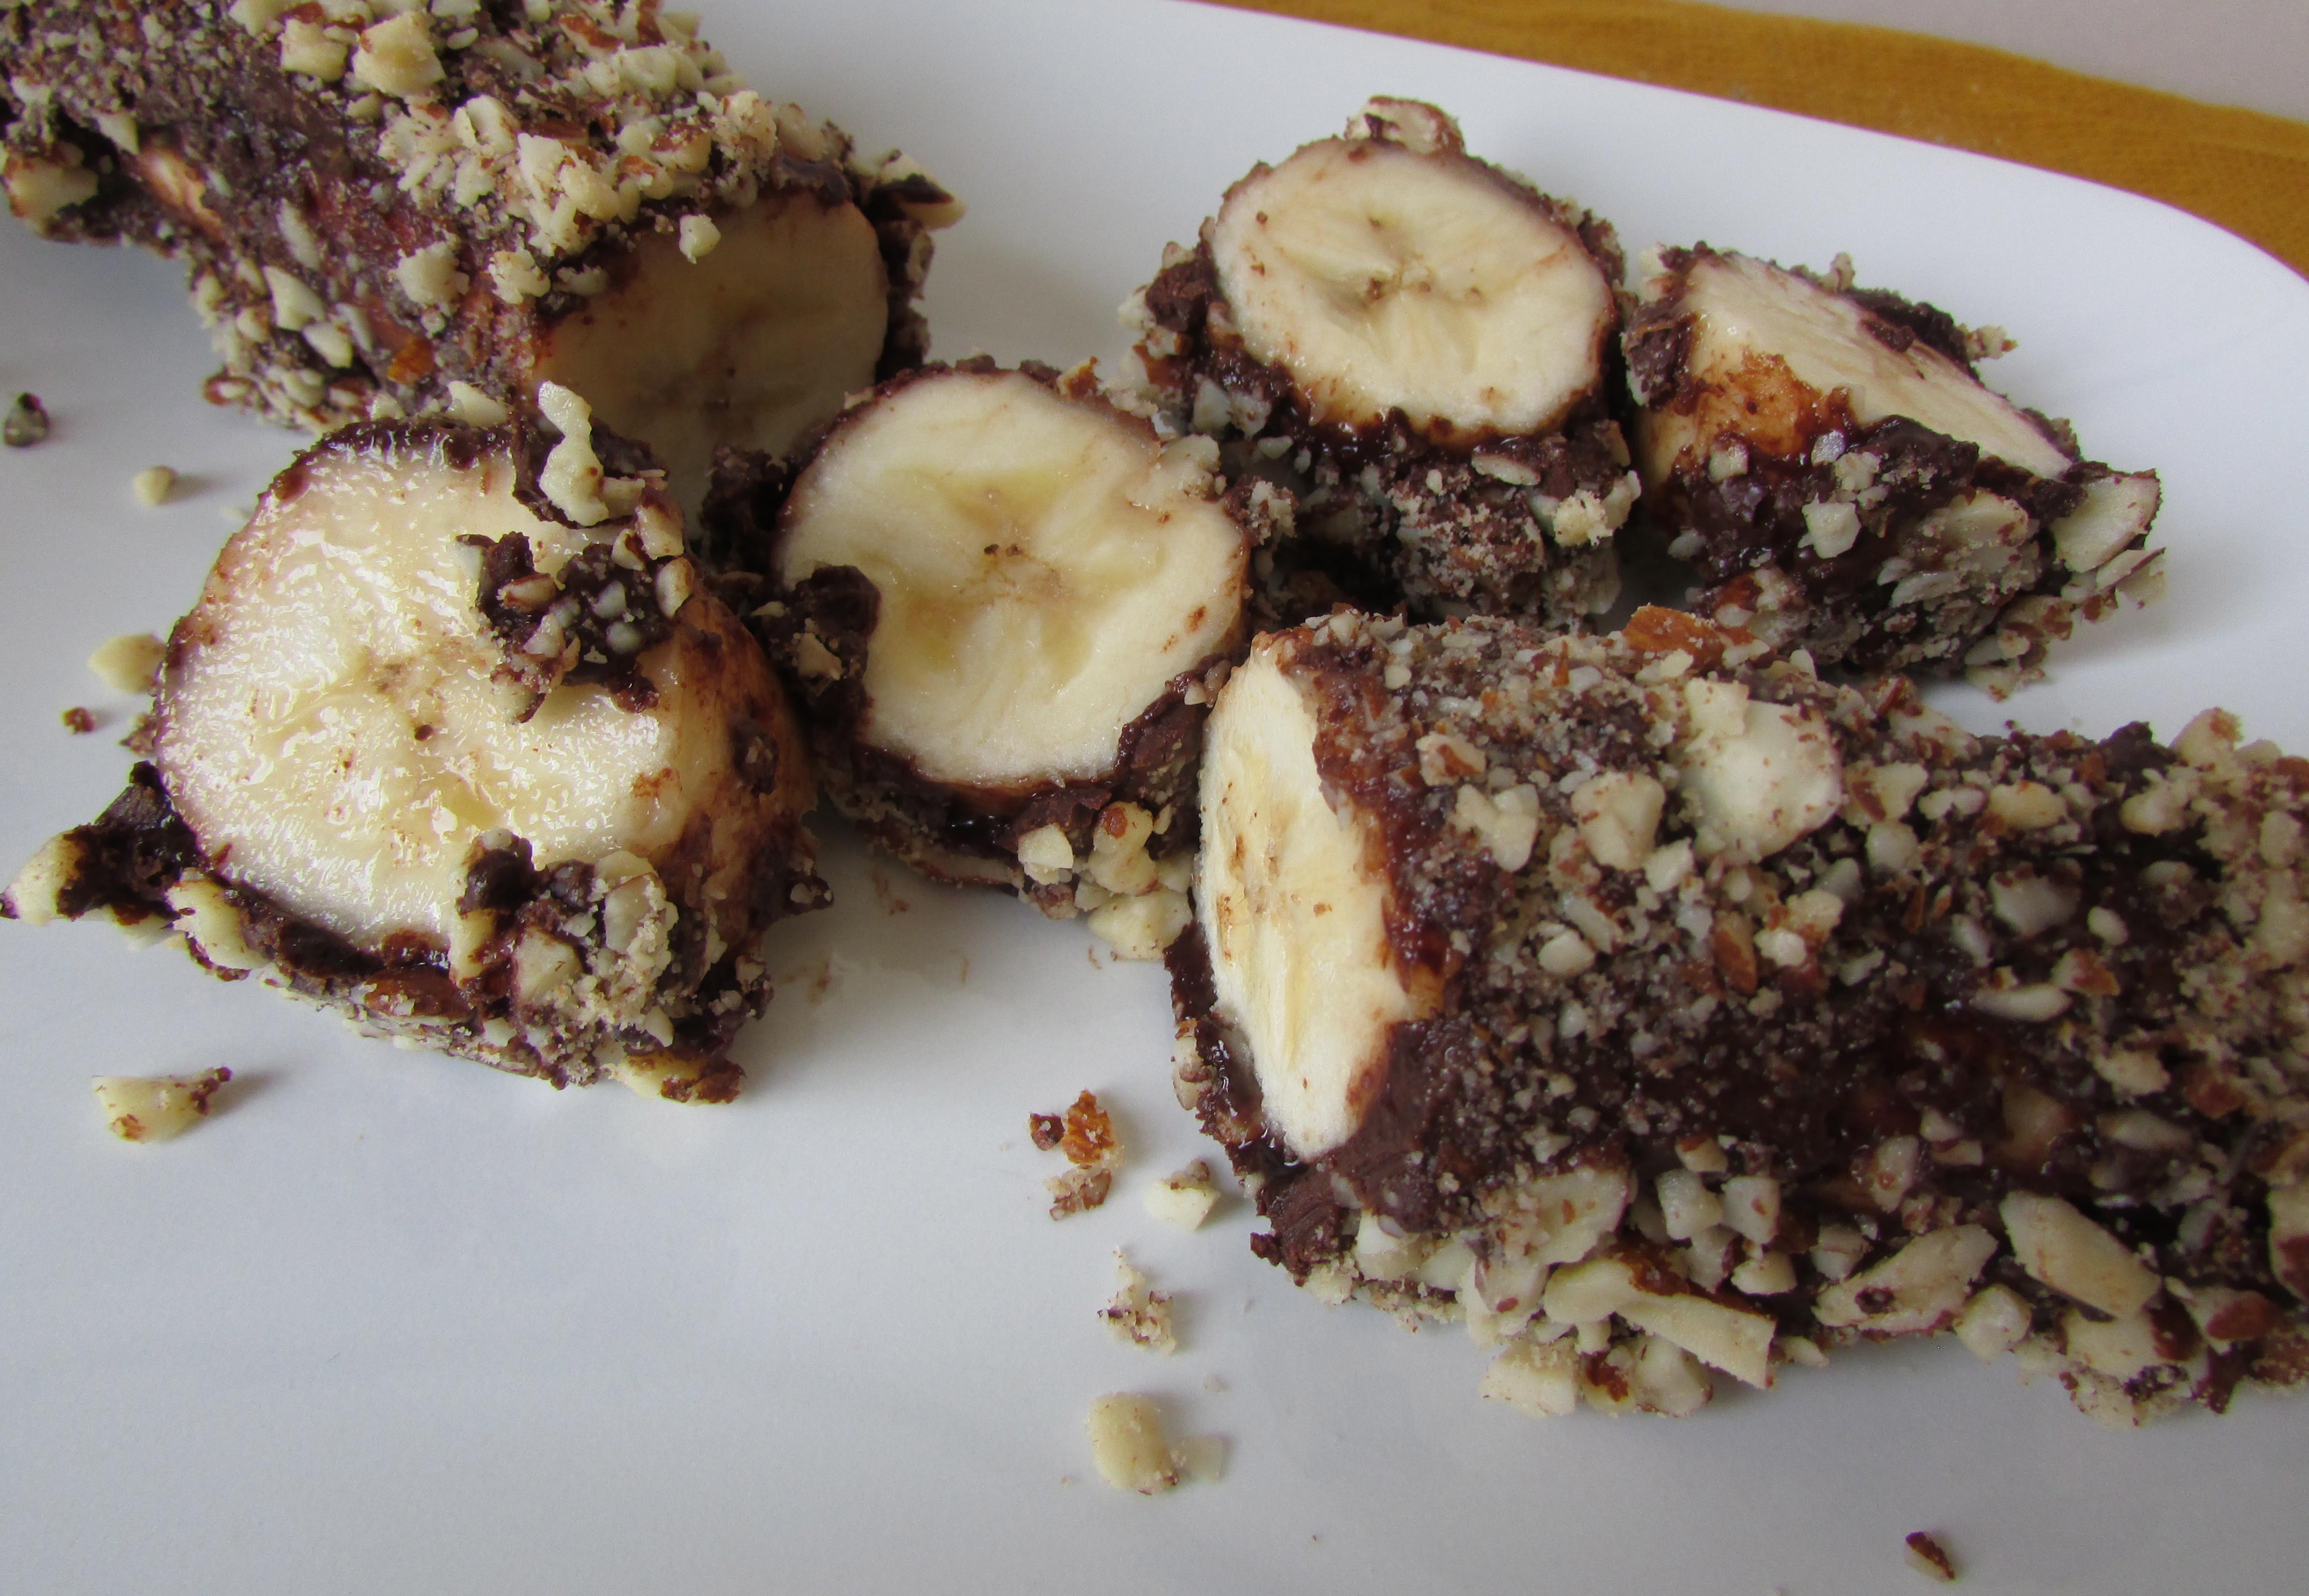 Banana Chocolate Desserts  3 Ingre nt Chocolate Banana Dessert Veggie Staples